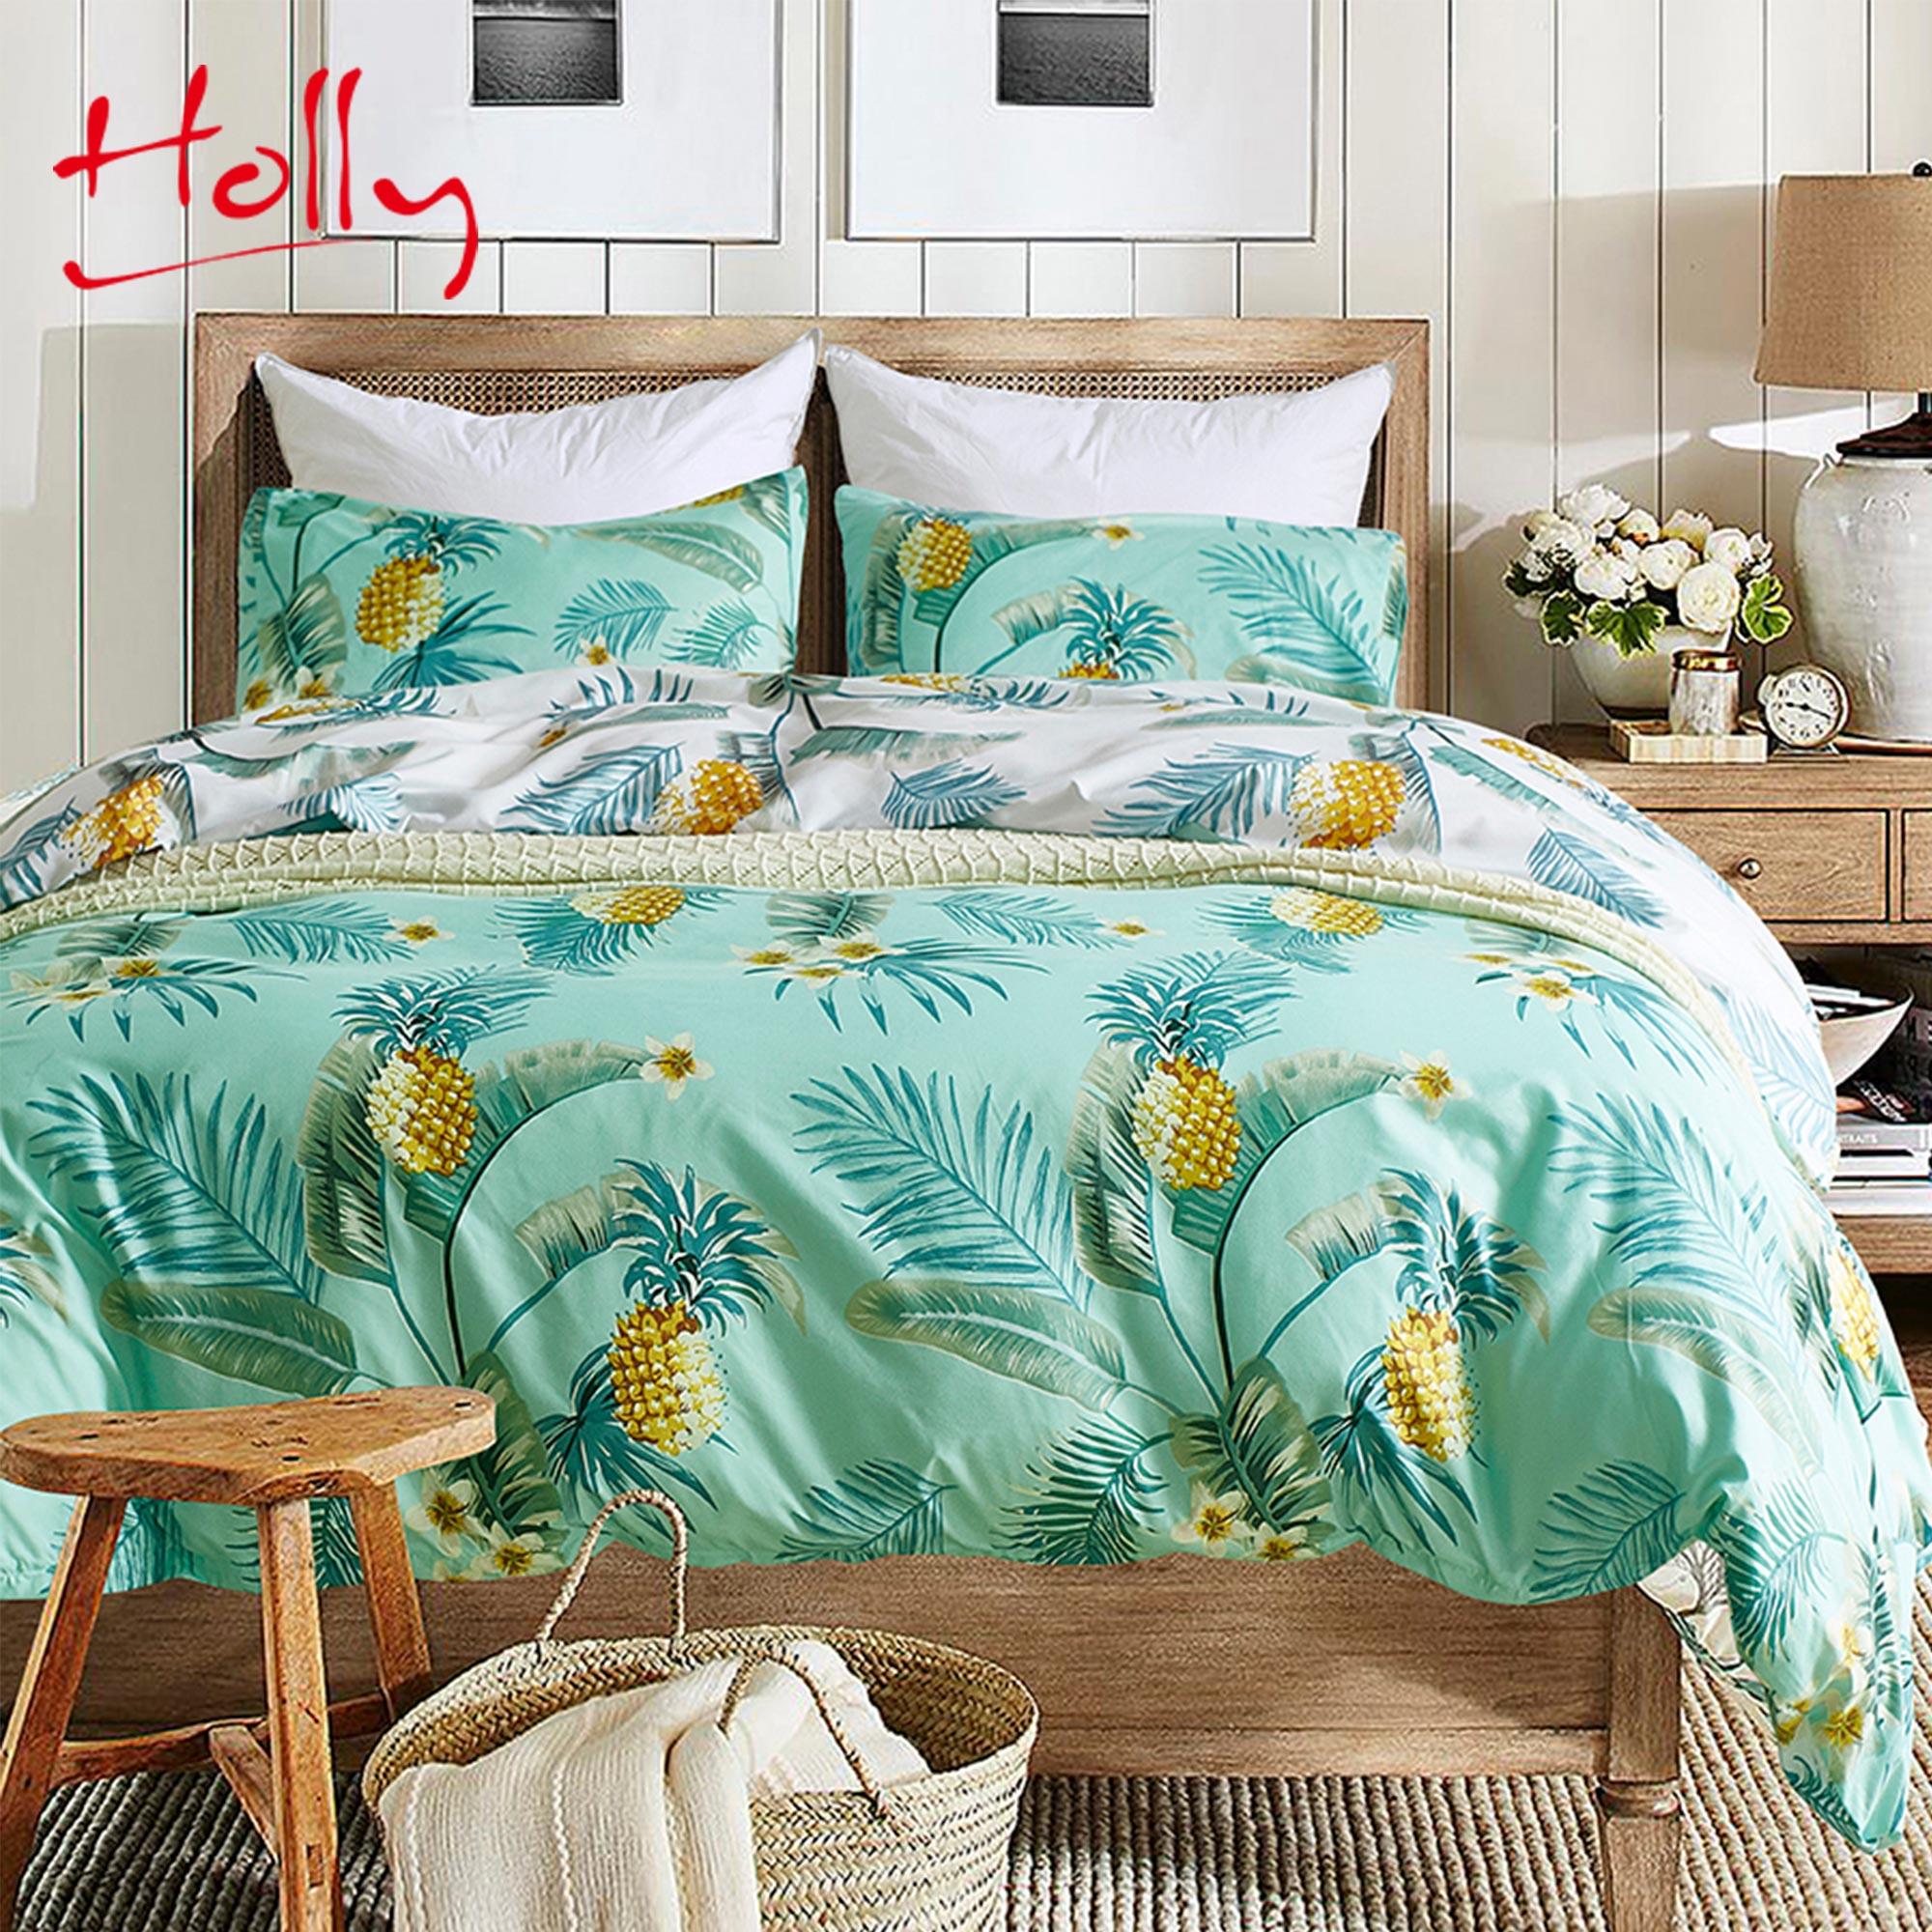 Venda quente roupa de cama de cetim lençóis de cama propagação da turquia